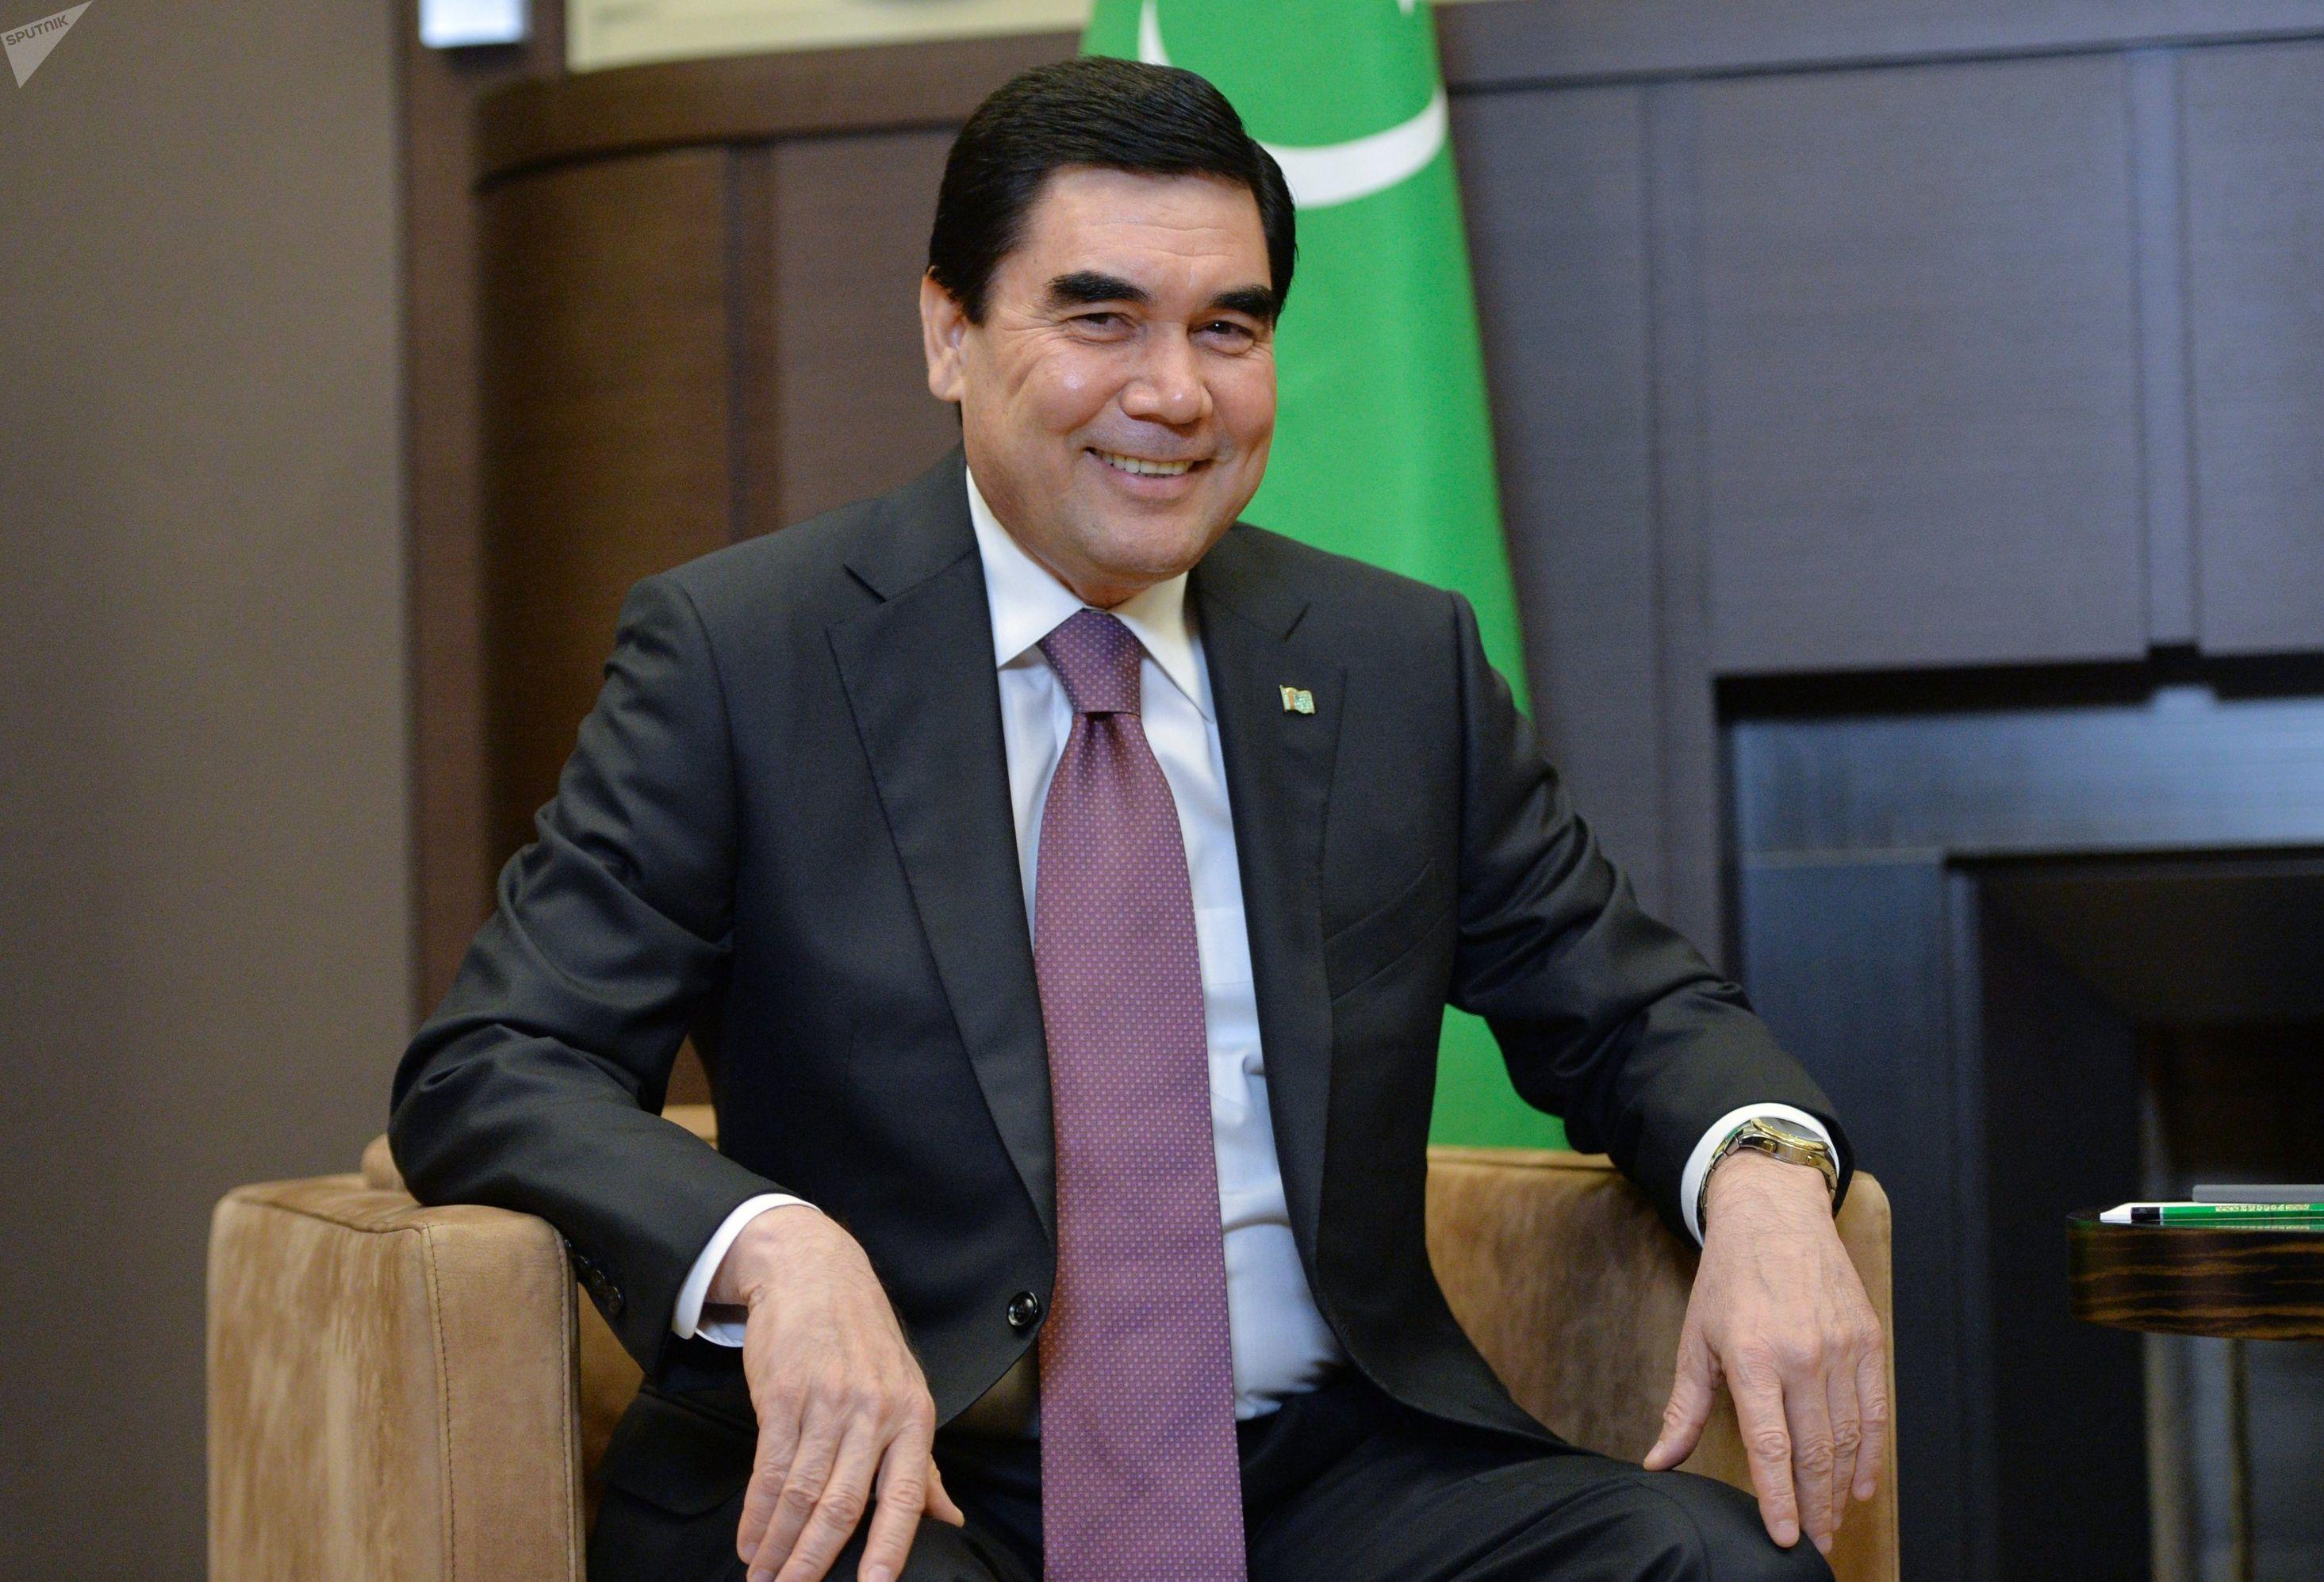 Президент РФ В. Путин встретился с президентом Туркменистана Г. Бердымухамедовым